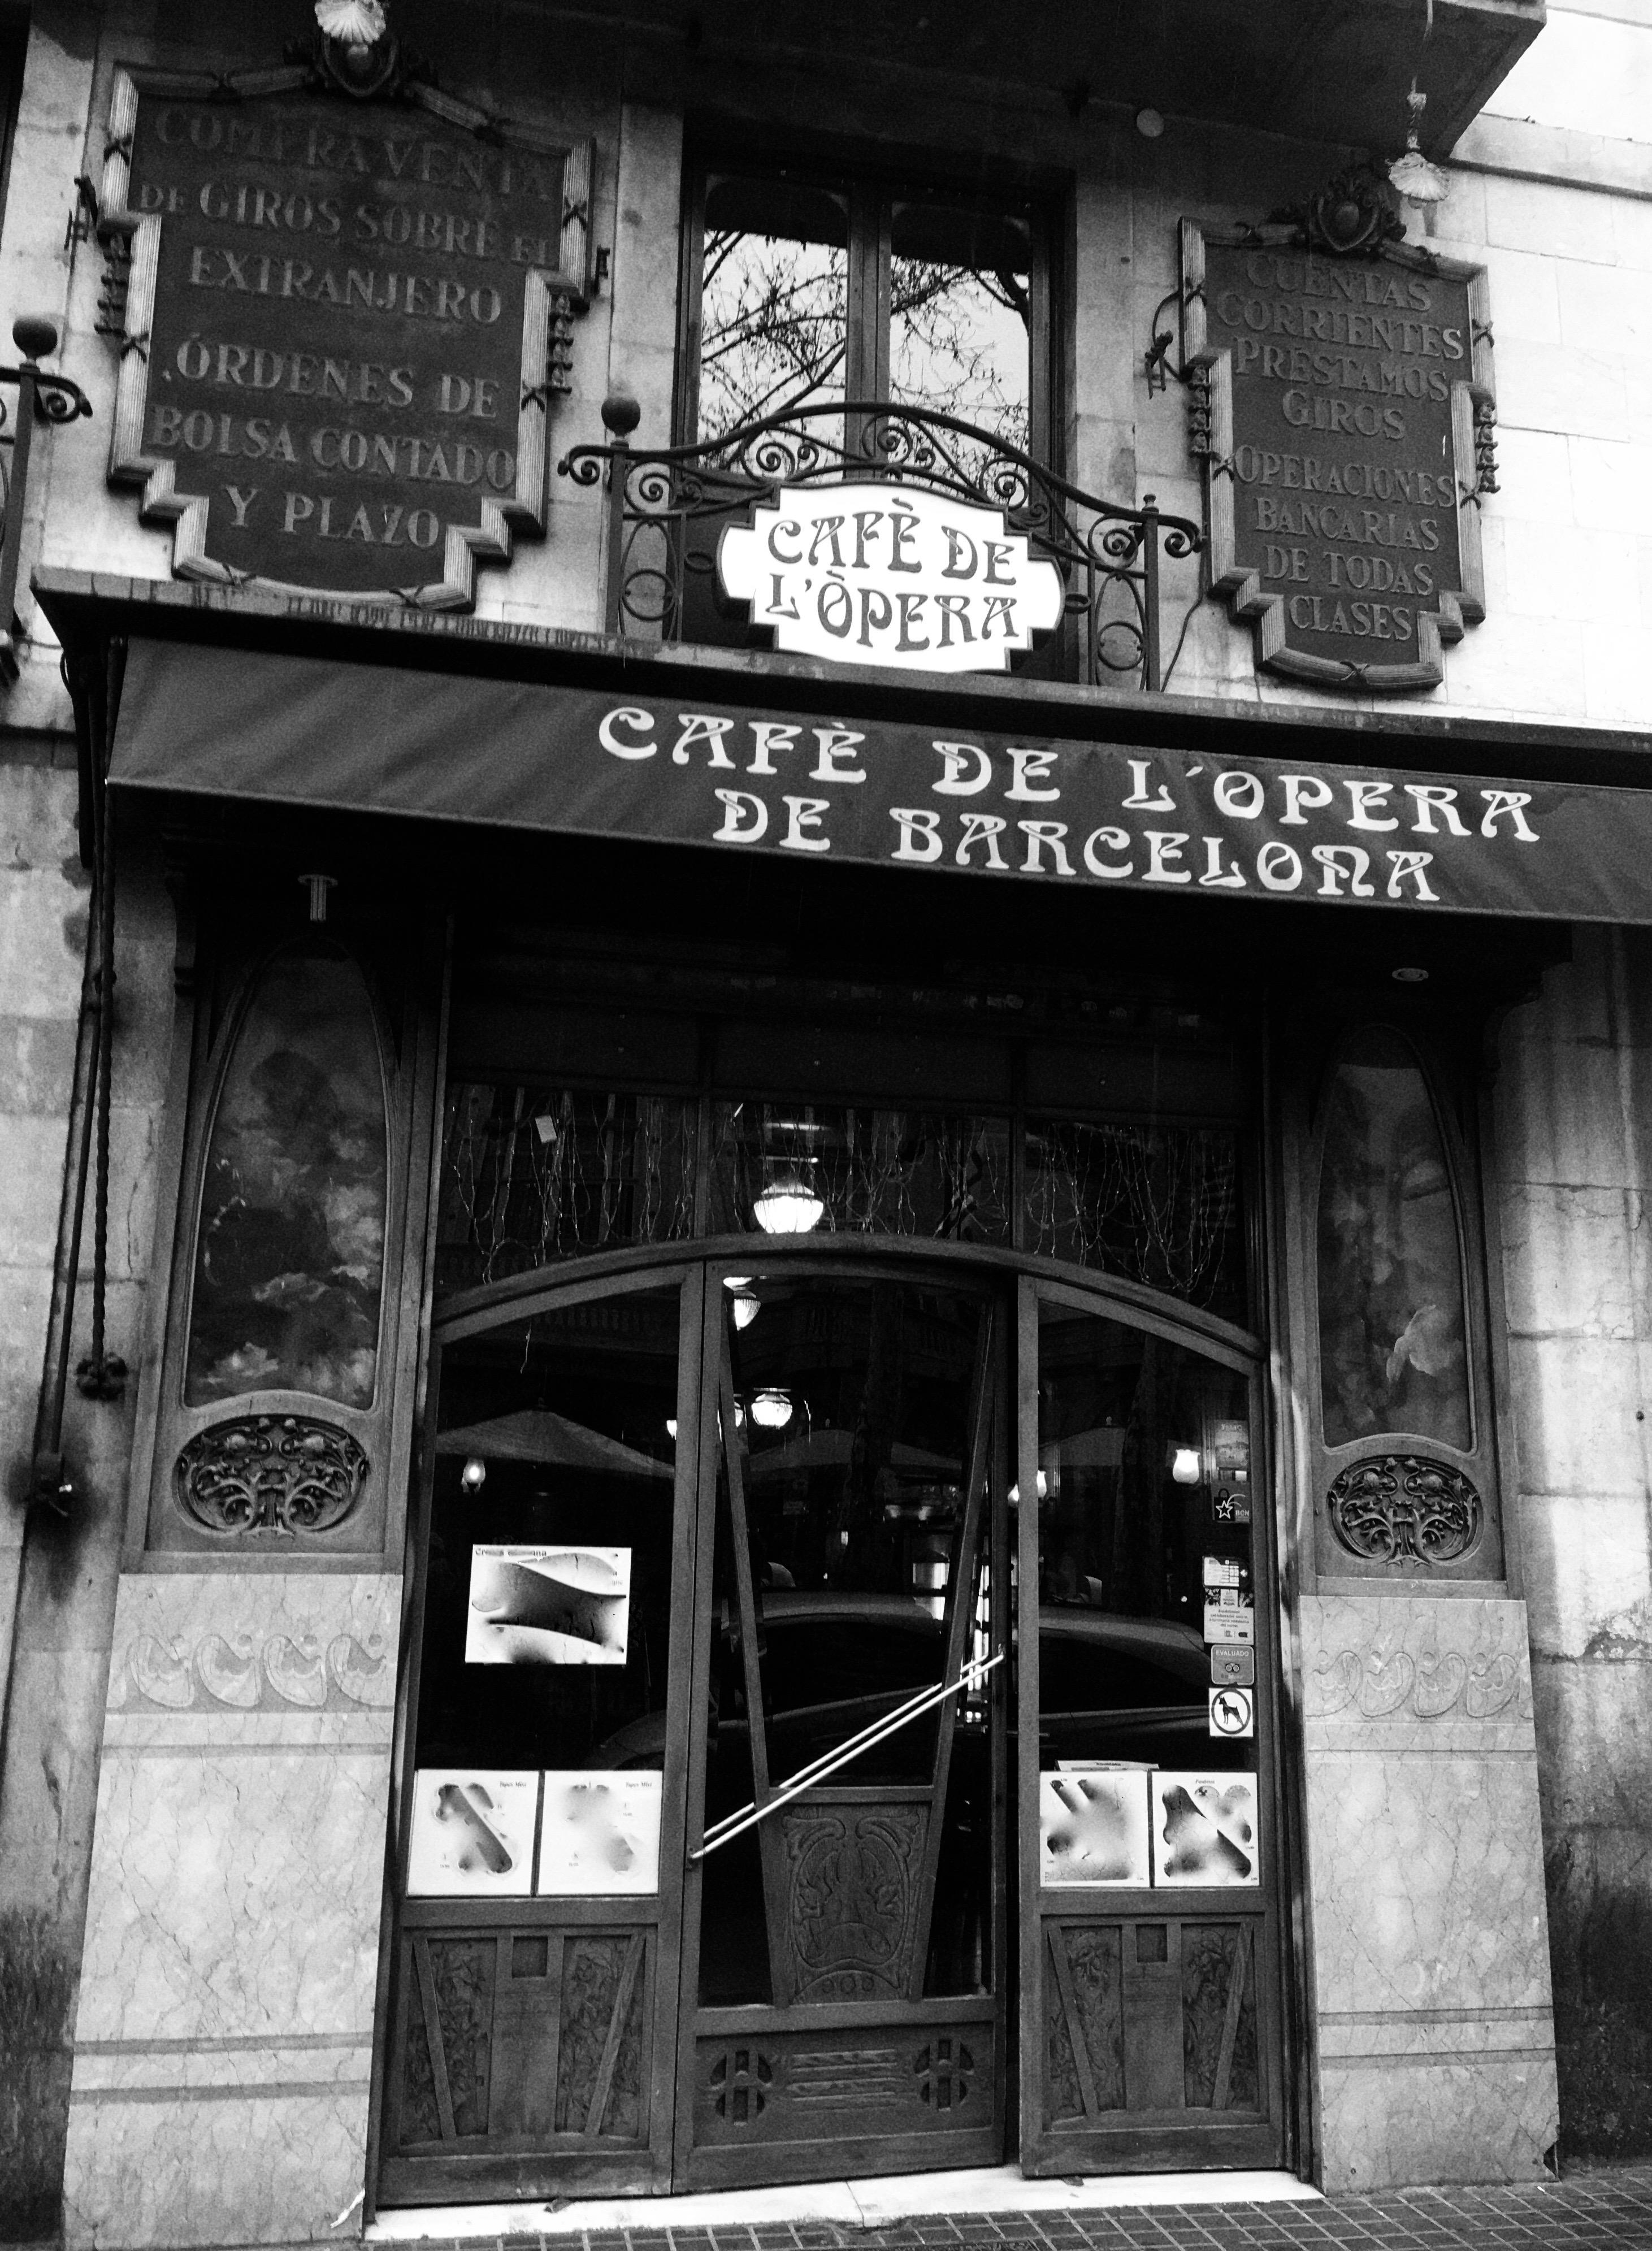 CAFE DE L'opera de BCN